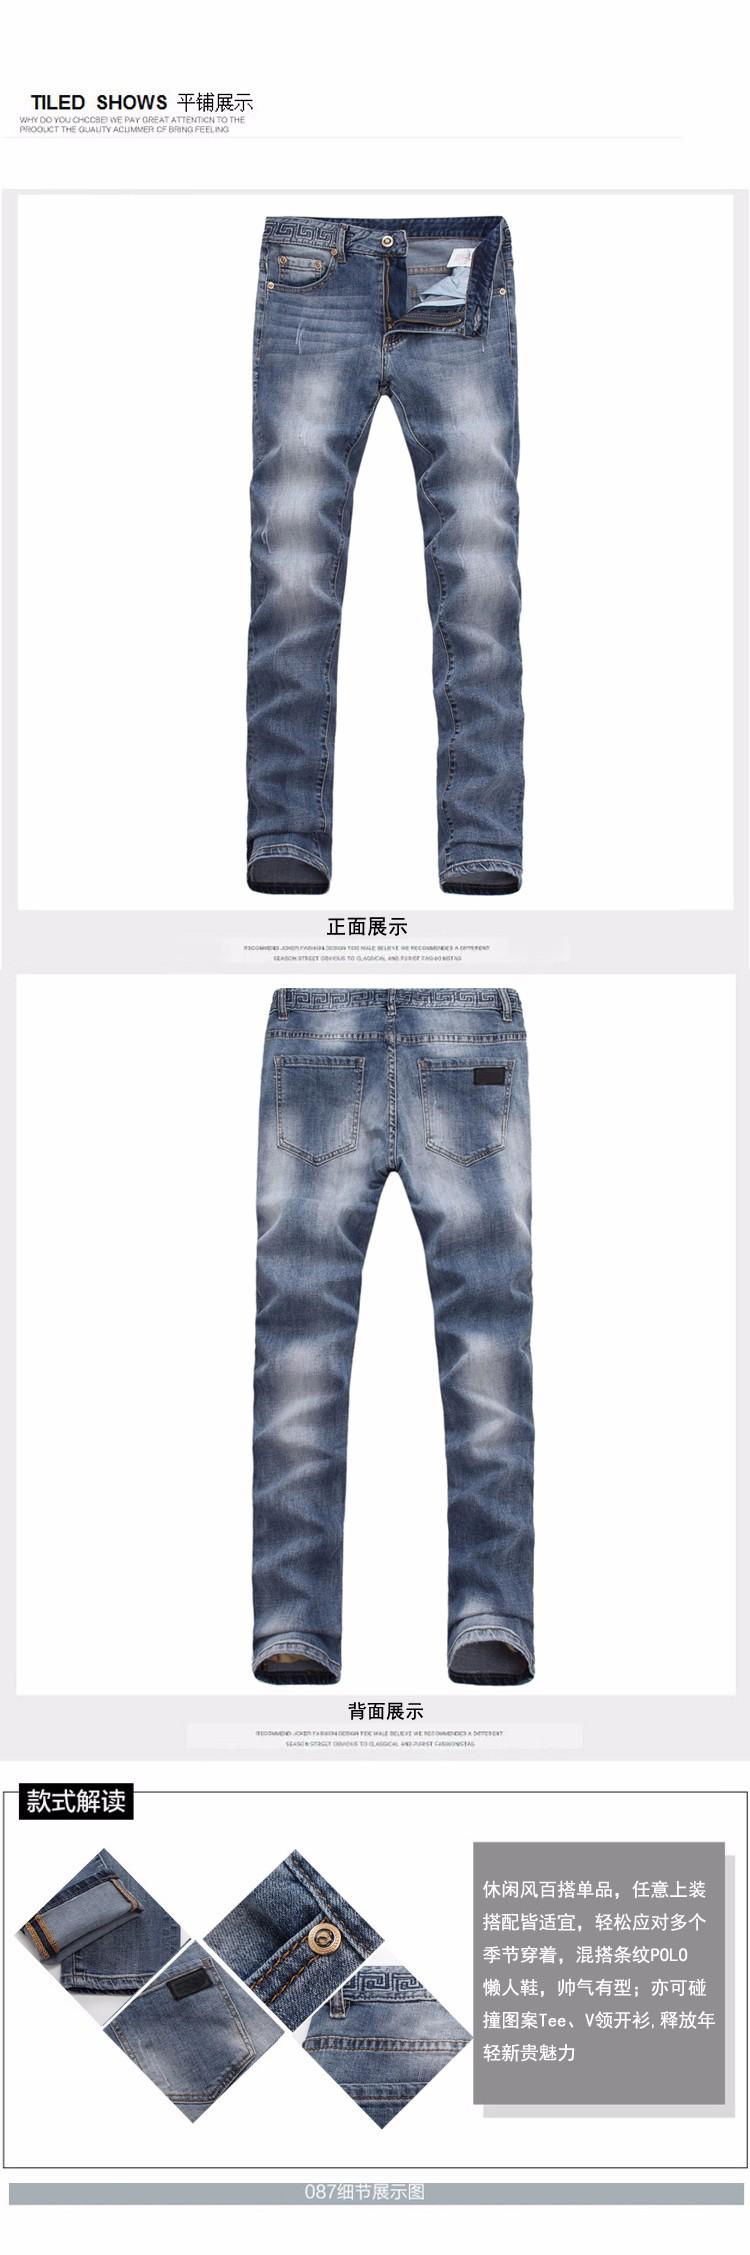 Скидки на Стретч-Светло-голубой мужчин джинсы мужчина контракт Показать тонкие ножки брюки дизайнерский бренд брюки брюки прямые мальчик джинсы